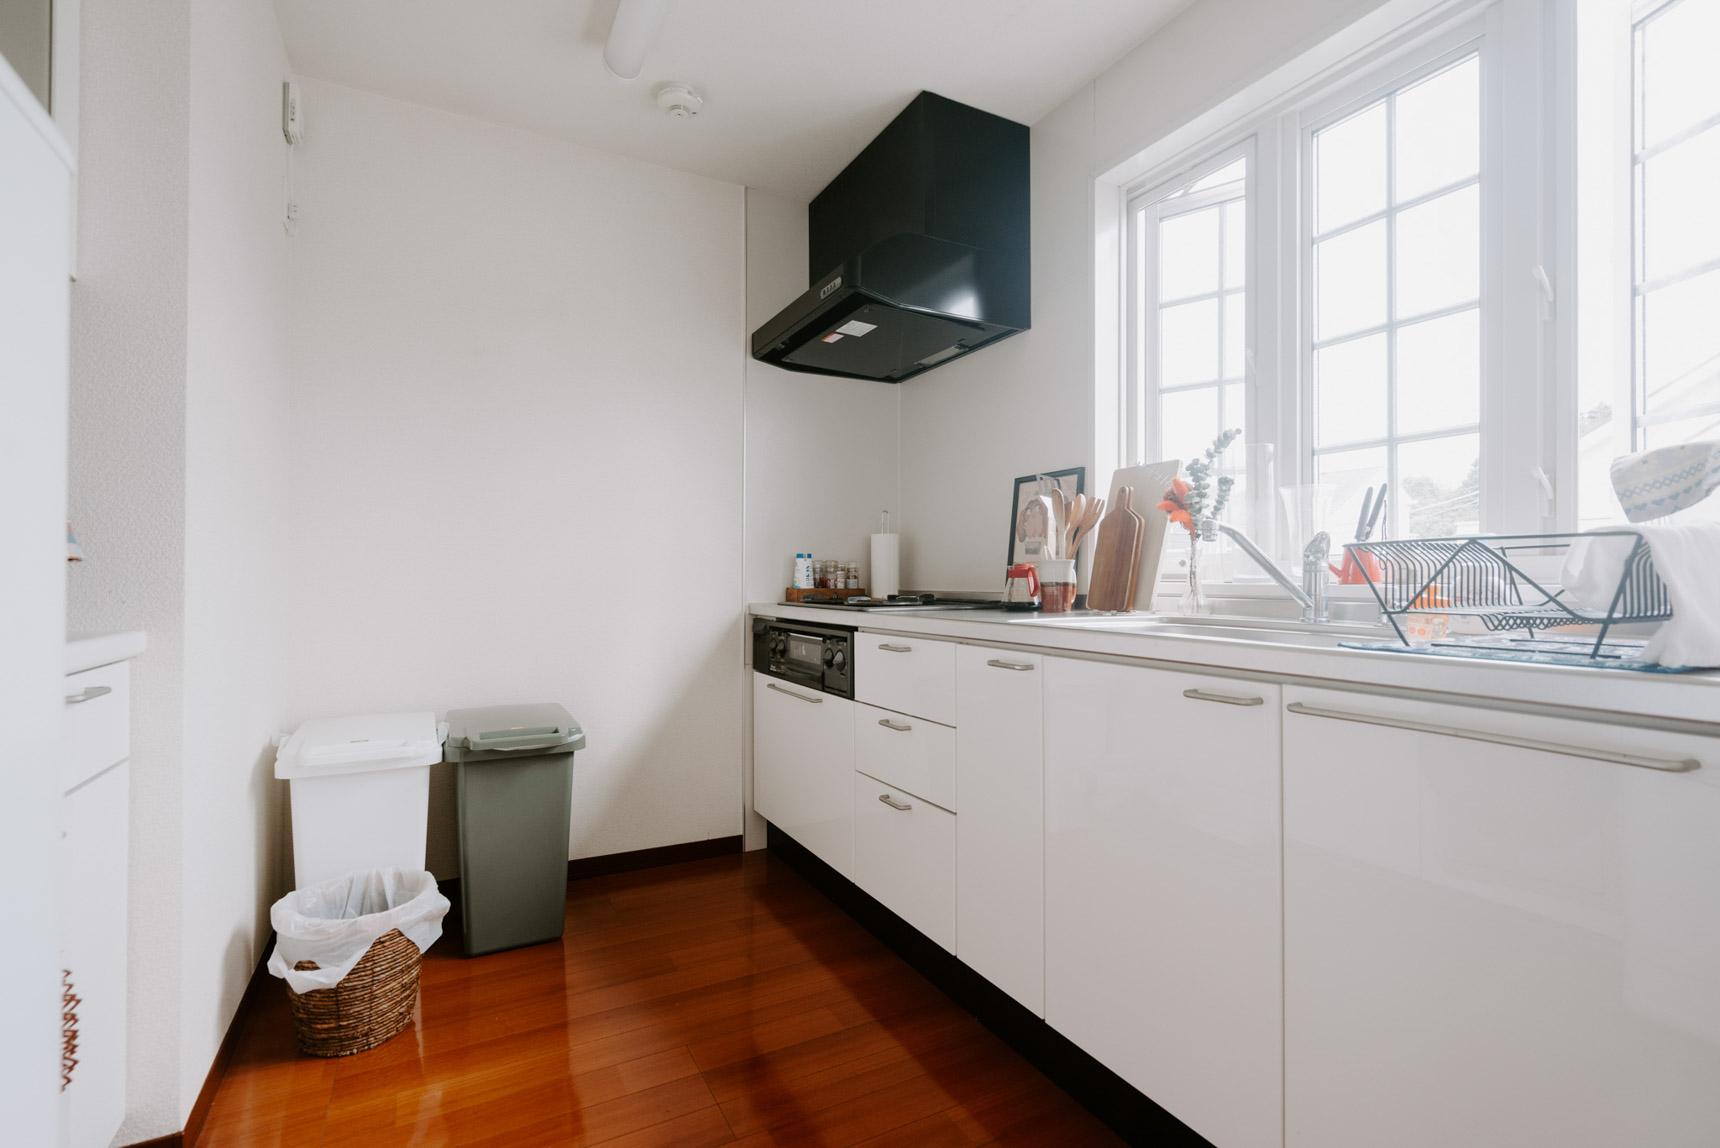 リビングの奥にあるキッチン。窓の形がかわいく、とても明るいので料理も楽しくなりそうです。